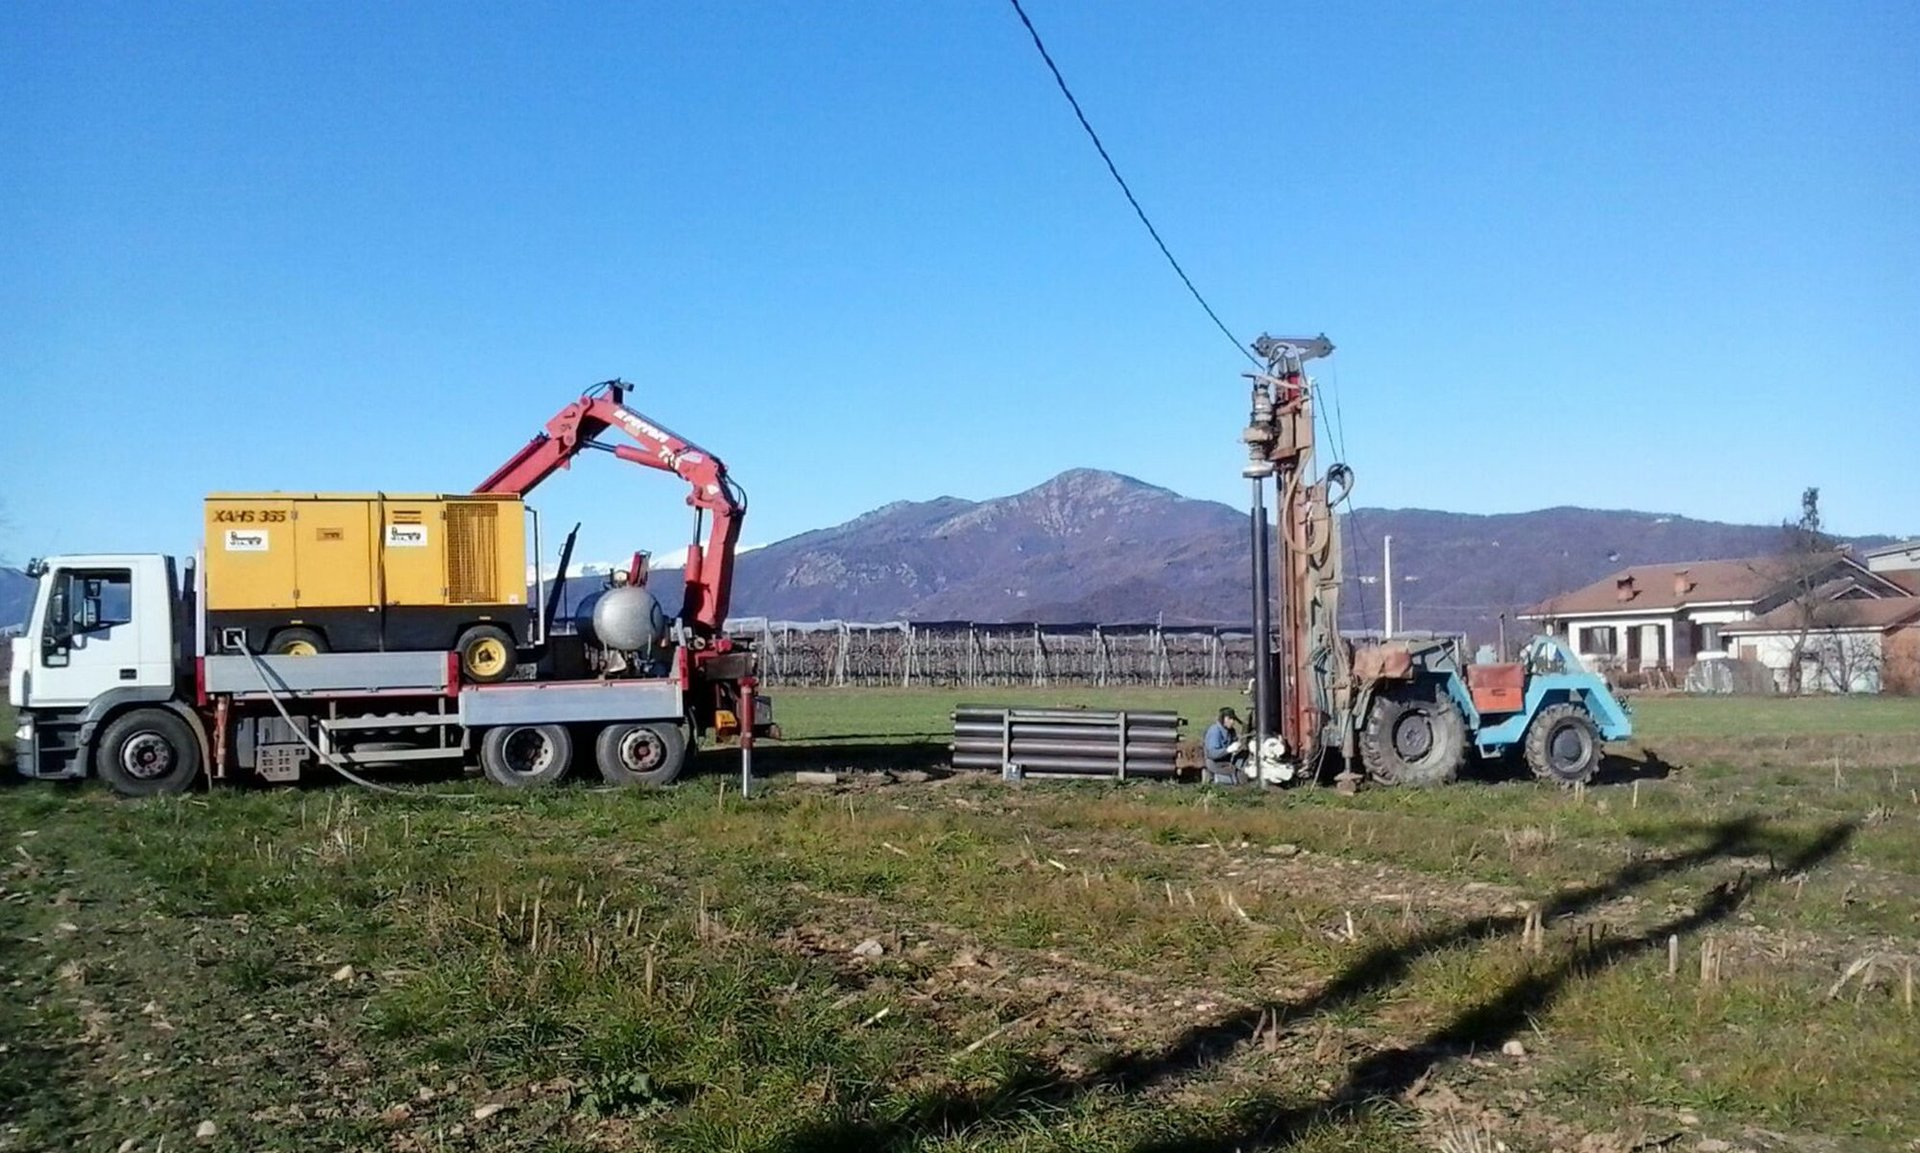 Impianto di perforazione della trivellazione dell'acqua montato trattore e camion montato gru